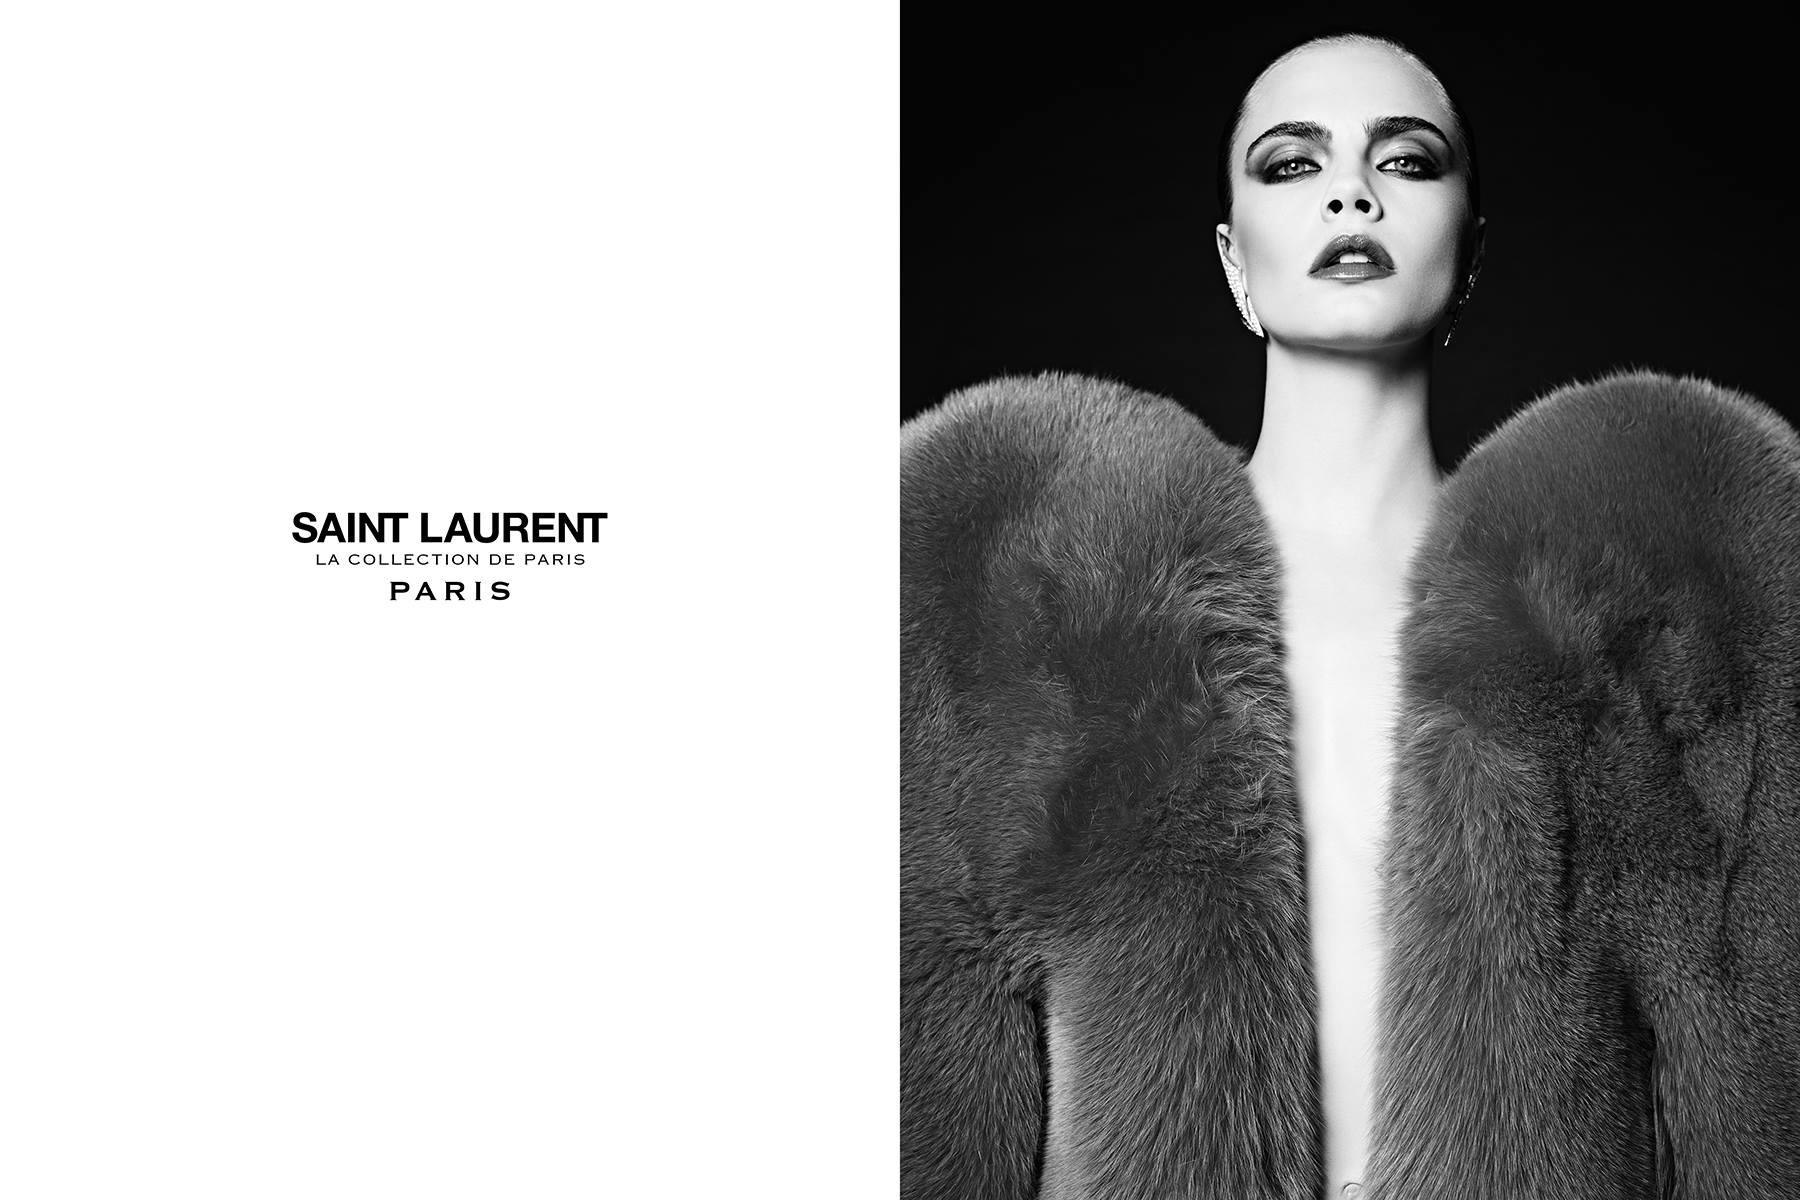 Luxuryretail_Cara-Delevingne-for-Saint-Laurent-p